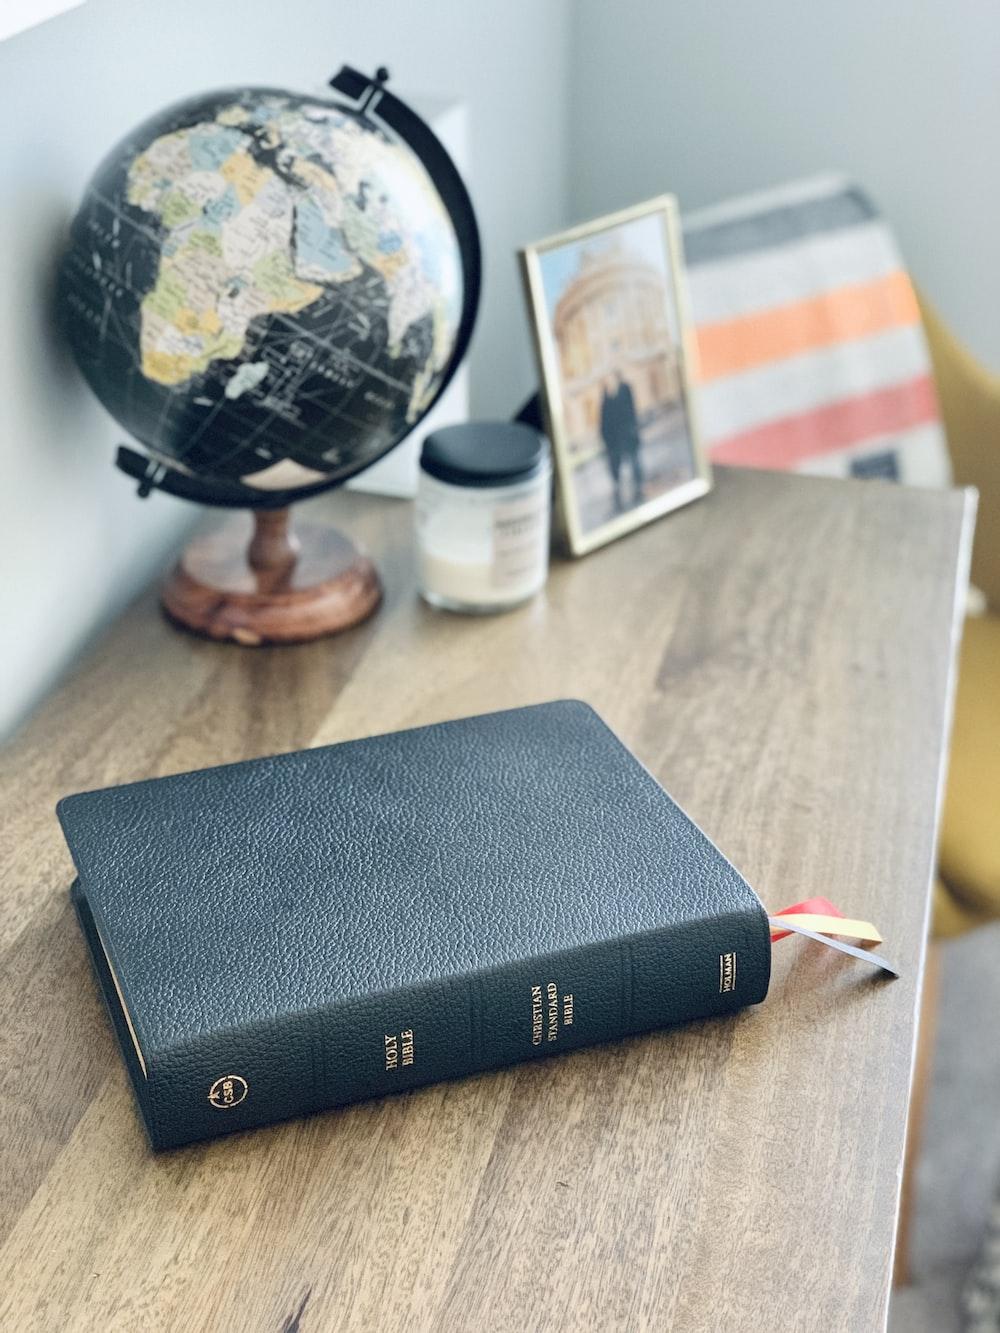 black hardbound book on table